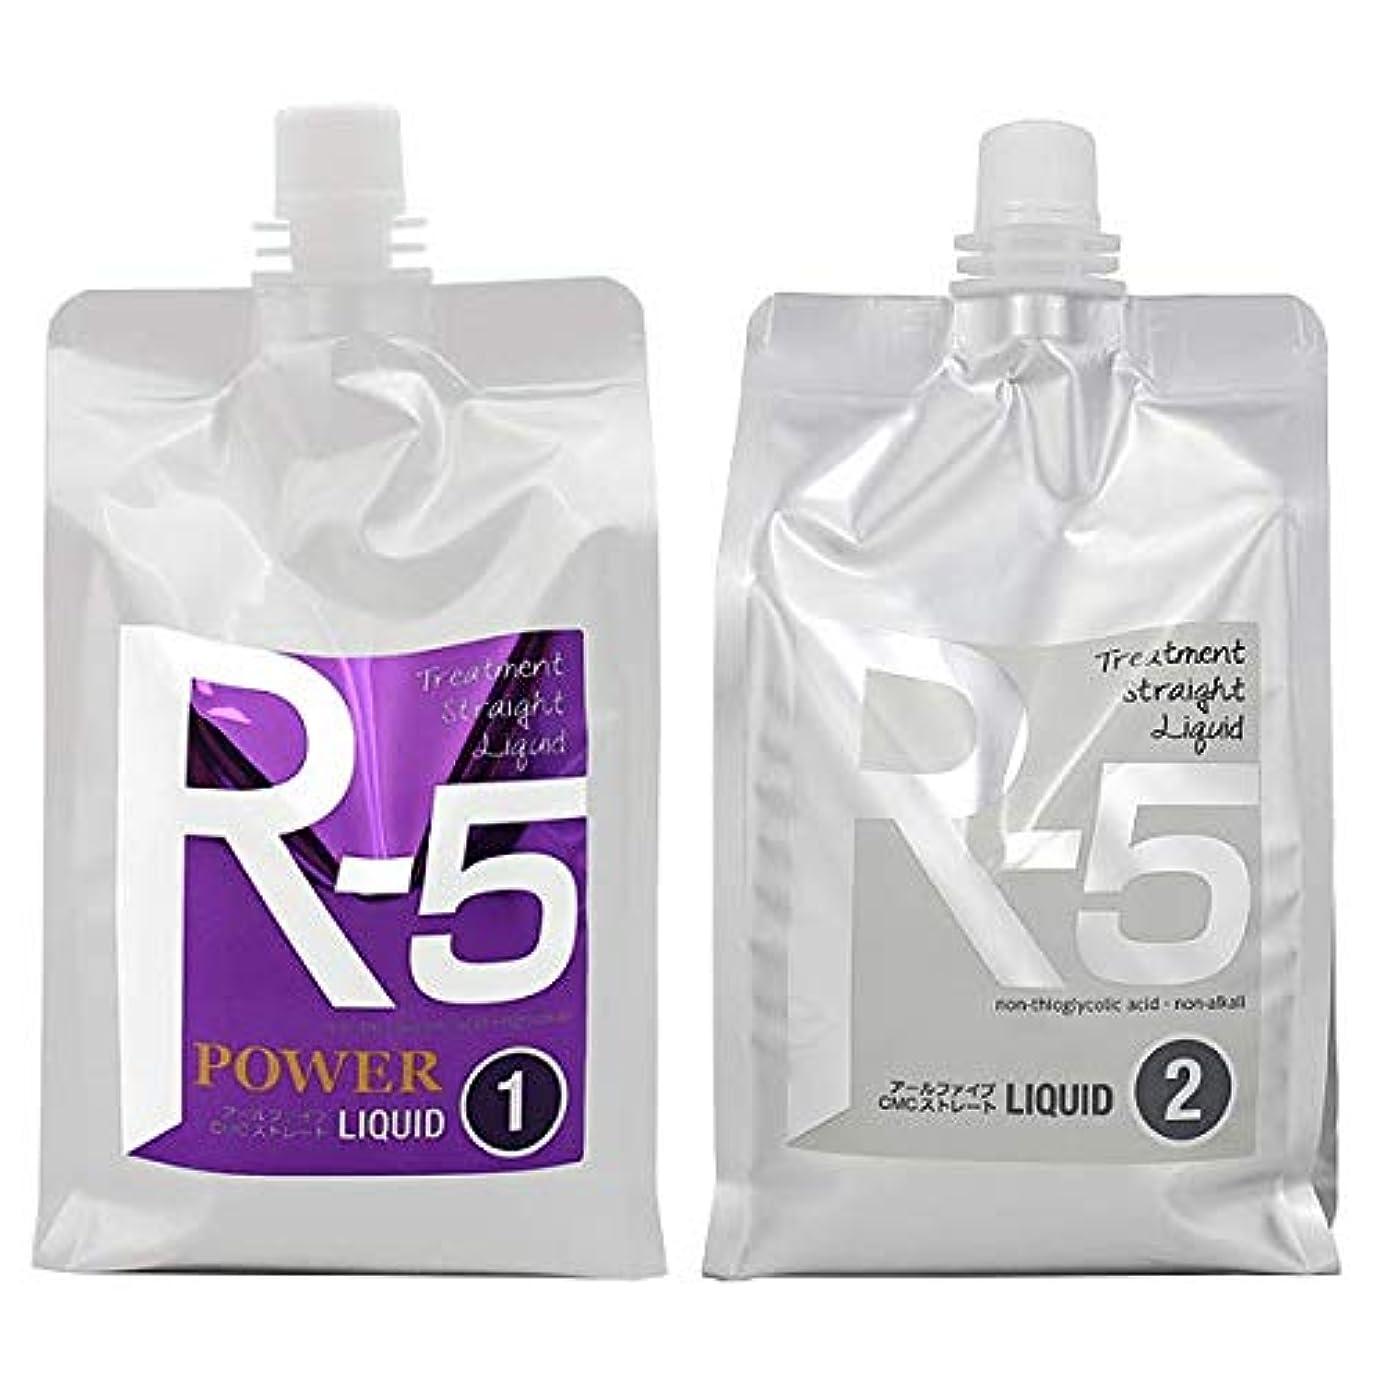 残高組み合わせ連続したCMCトリートメントストレート R-5 パープル(パワー) ストレート剤